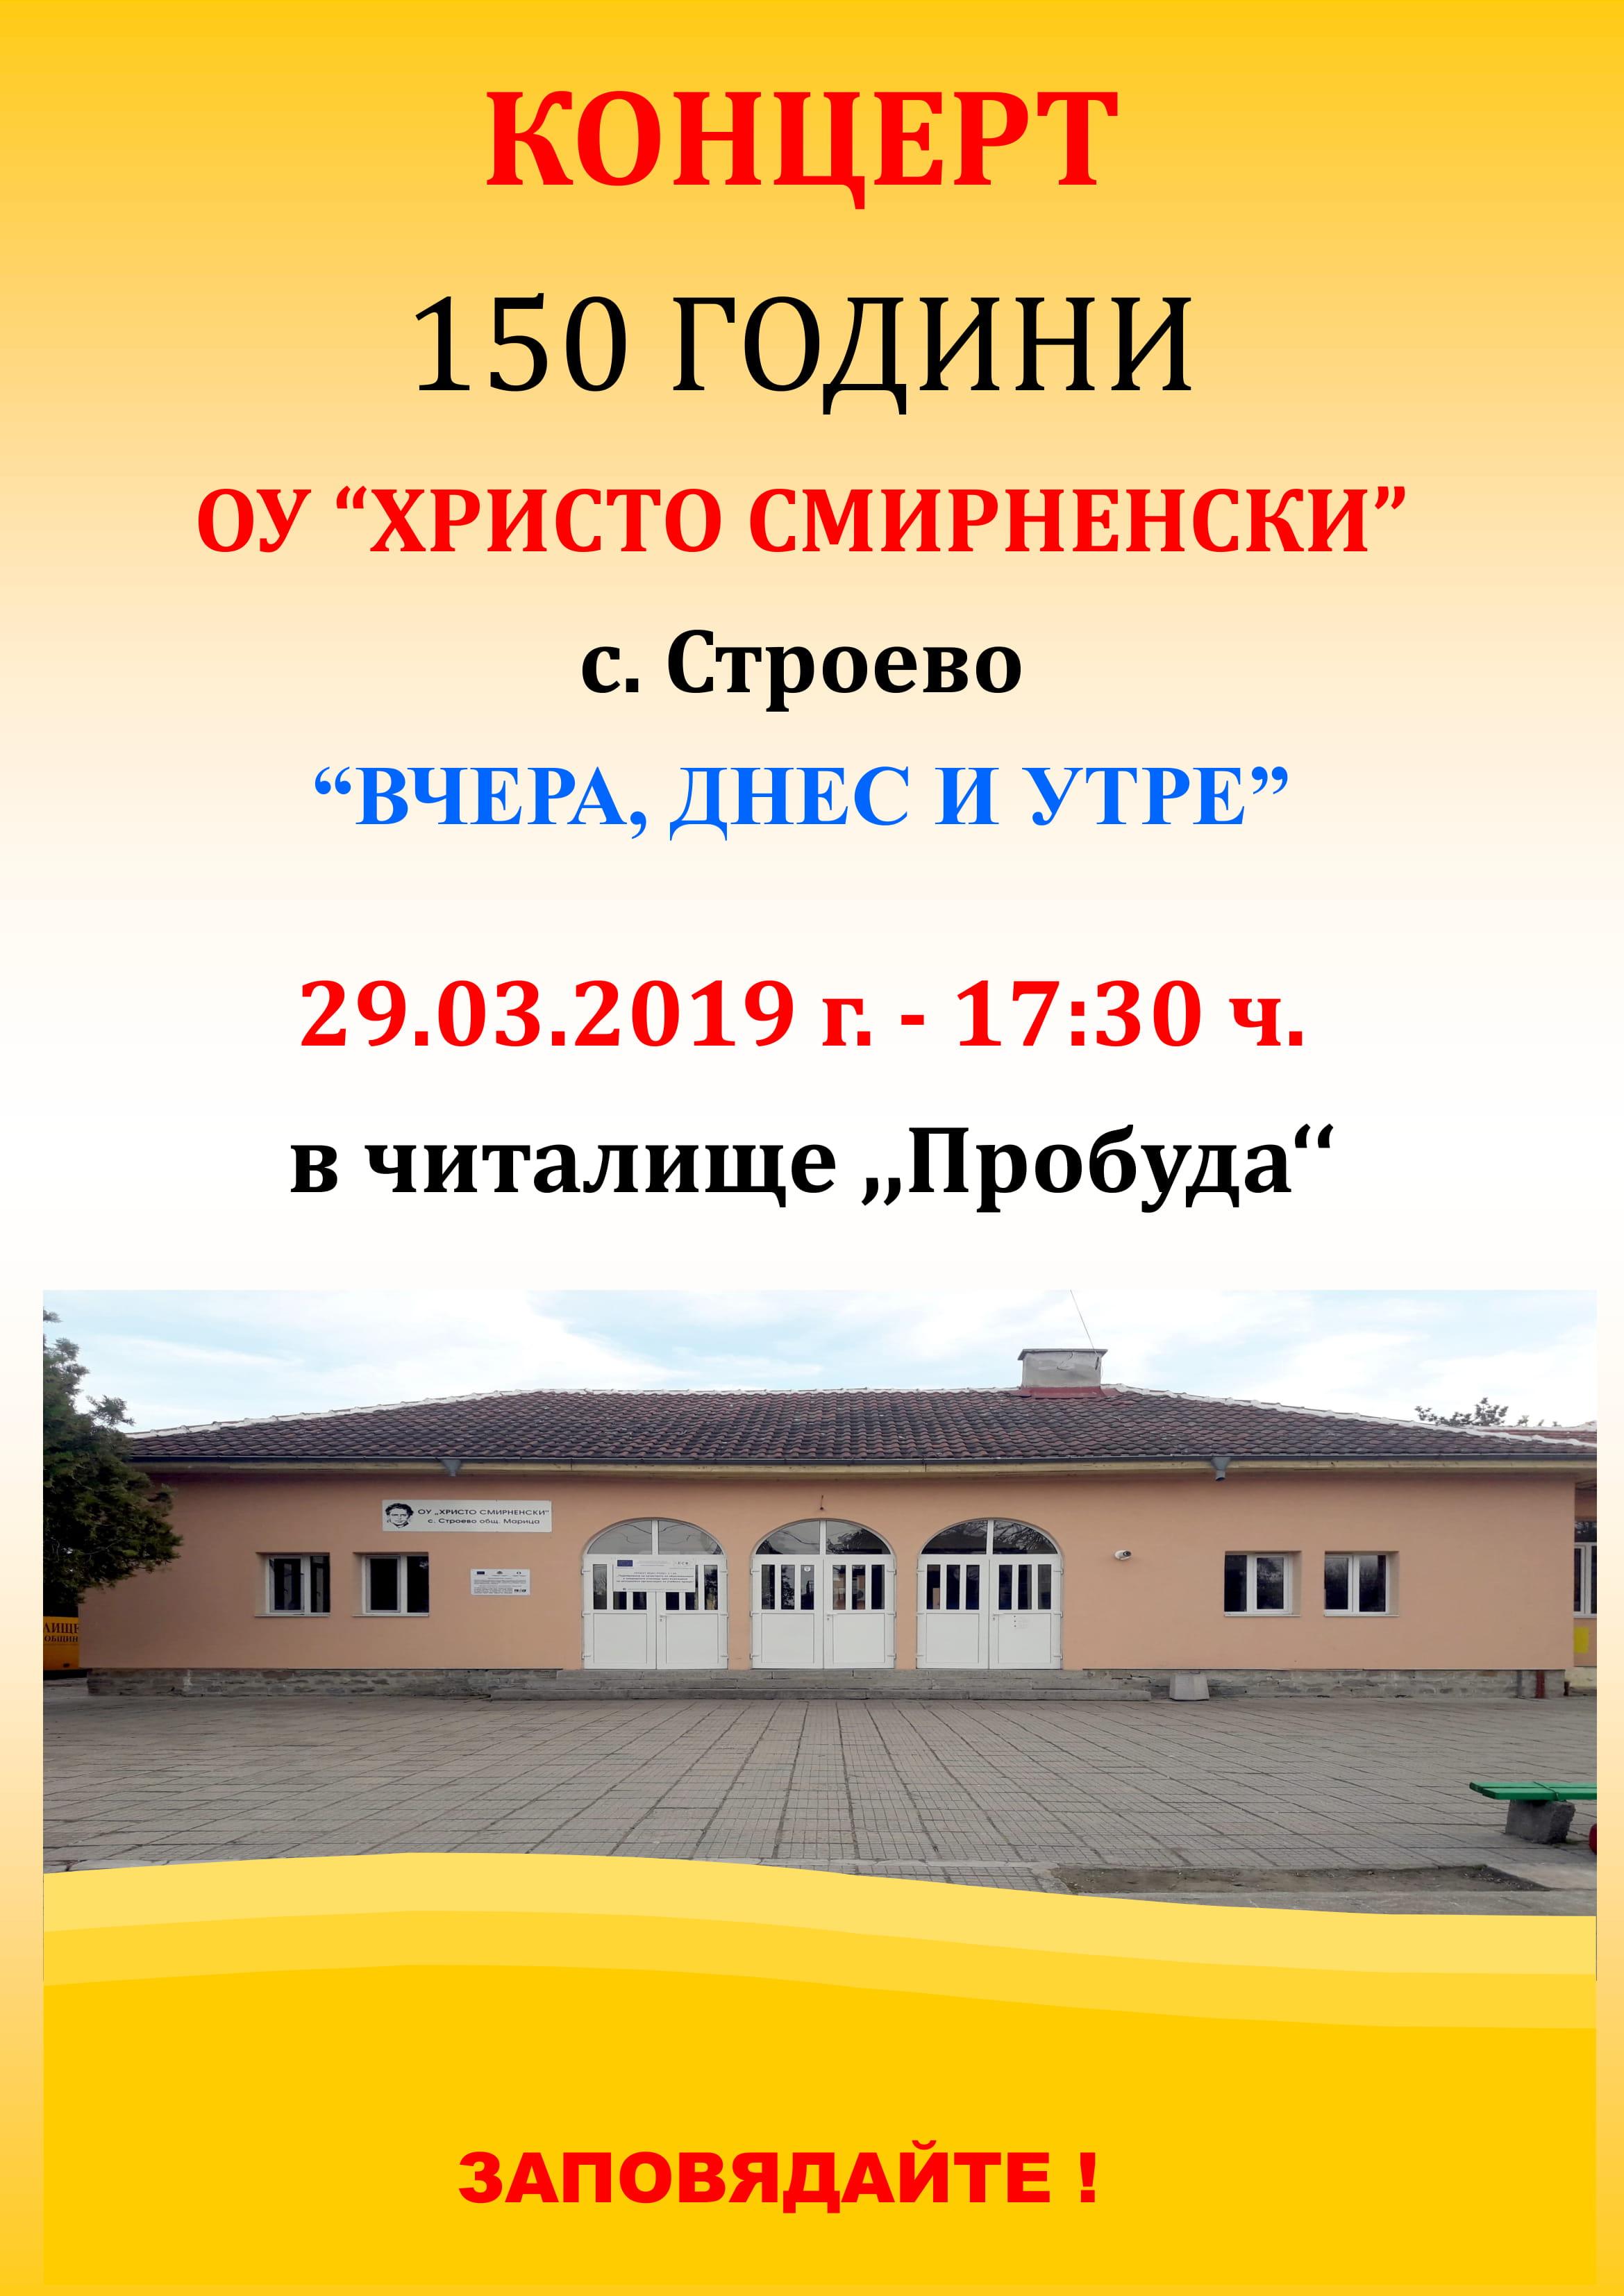 Концерт-Строево-Училище